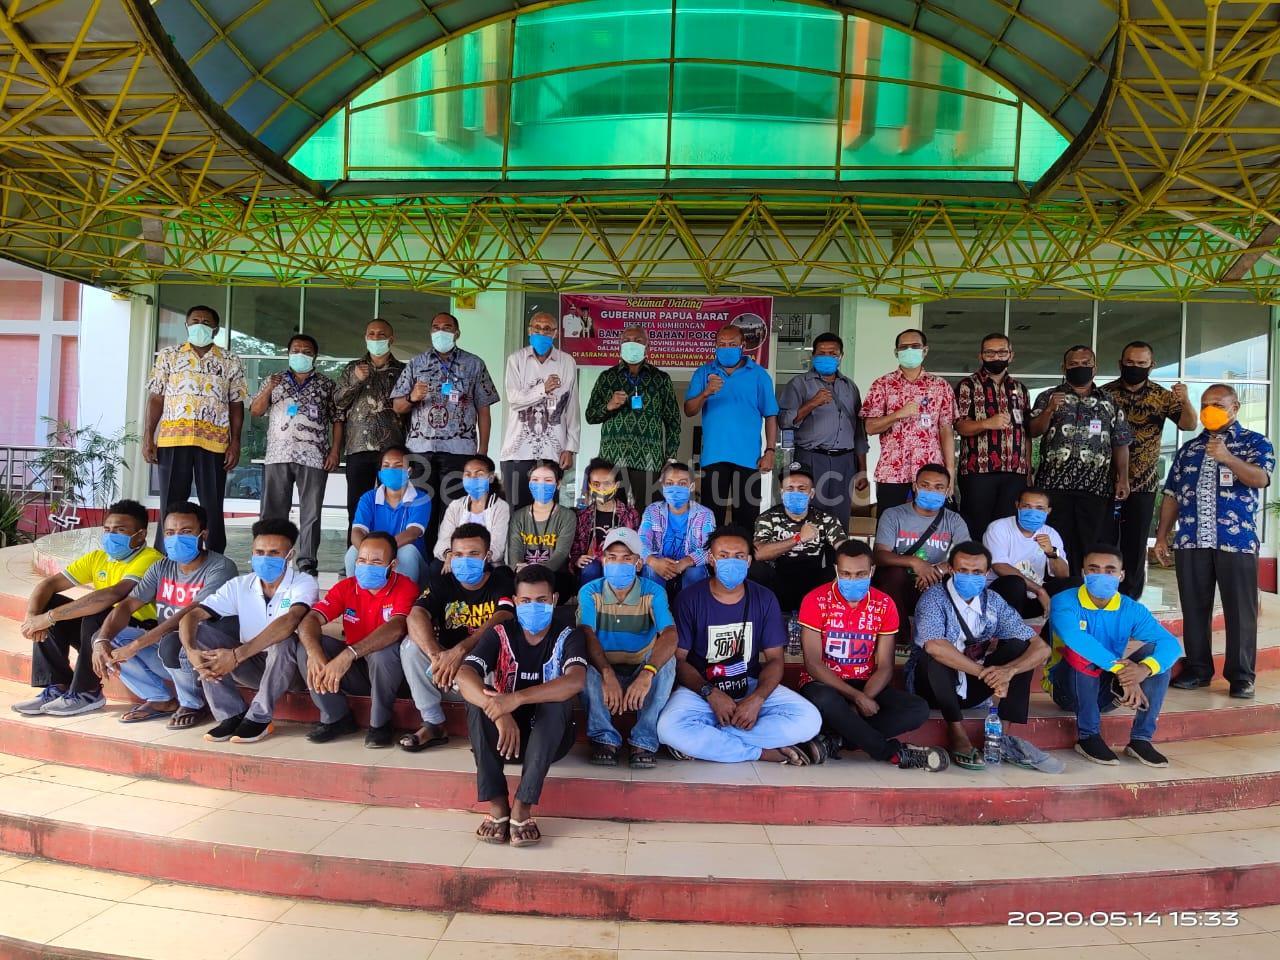 Gubernur PB Serahkan 283 Paket Bama Untuk 11 Asrama Mahasiswa UNIPA 17 IMG 20200514 WA0032